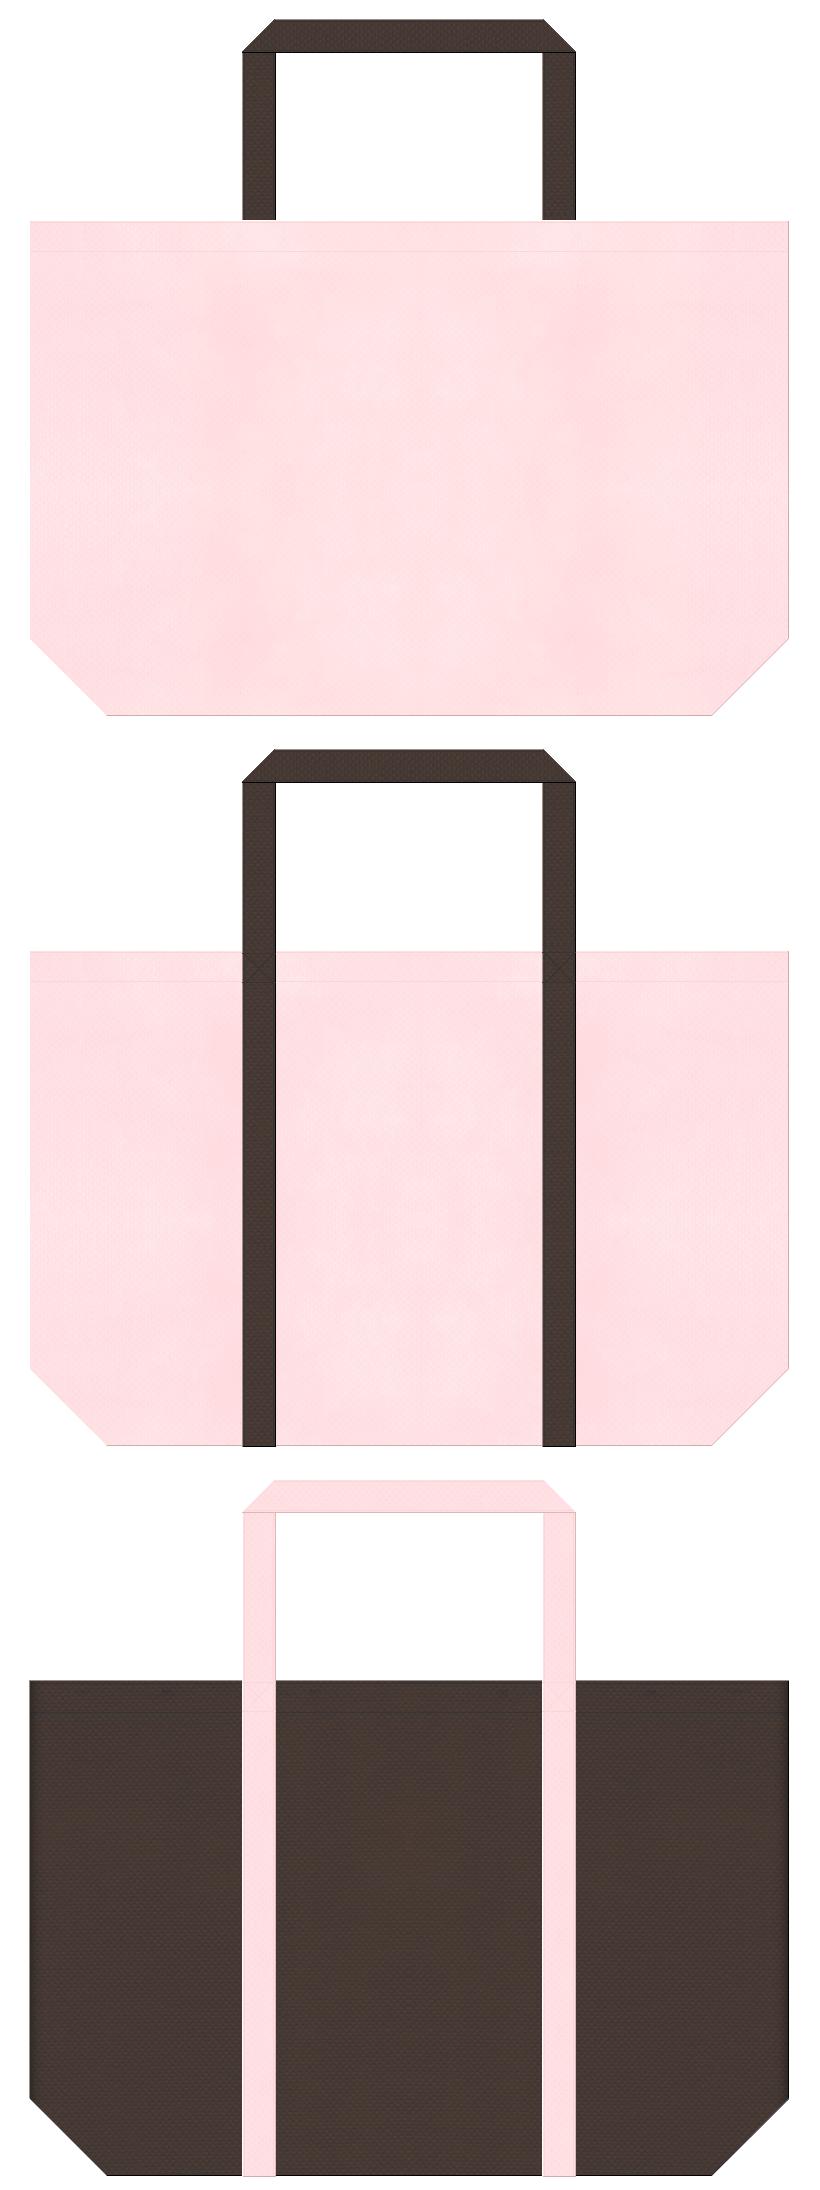 桜色とこげ茶色の不織布バッグデザイン。ガーリーファッション・女子制服のショッピングバッグにお奨めです。